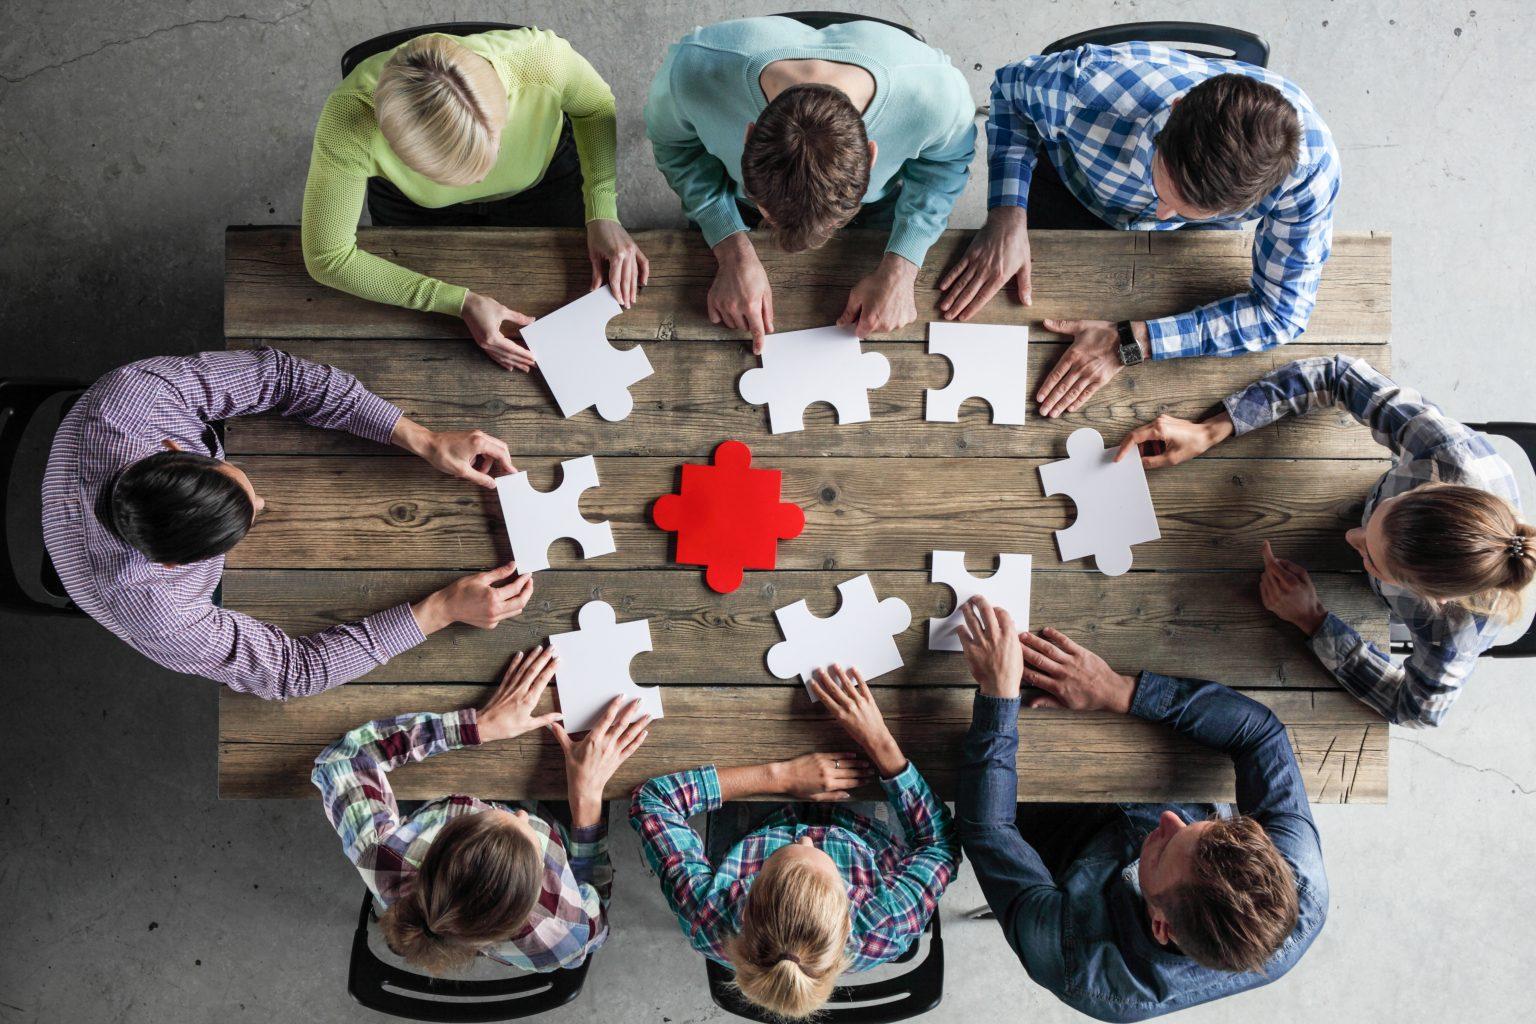 Individuelle Marktforschung Personengruppe löst Puzzle